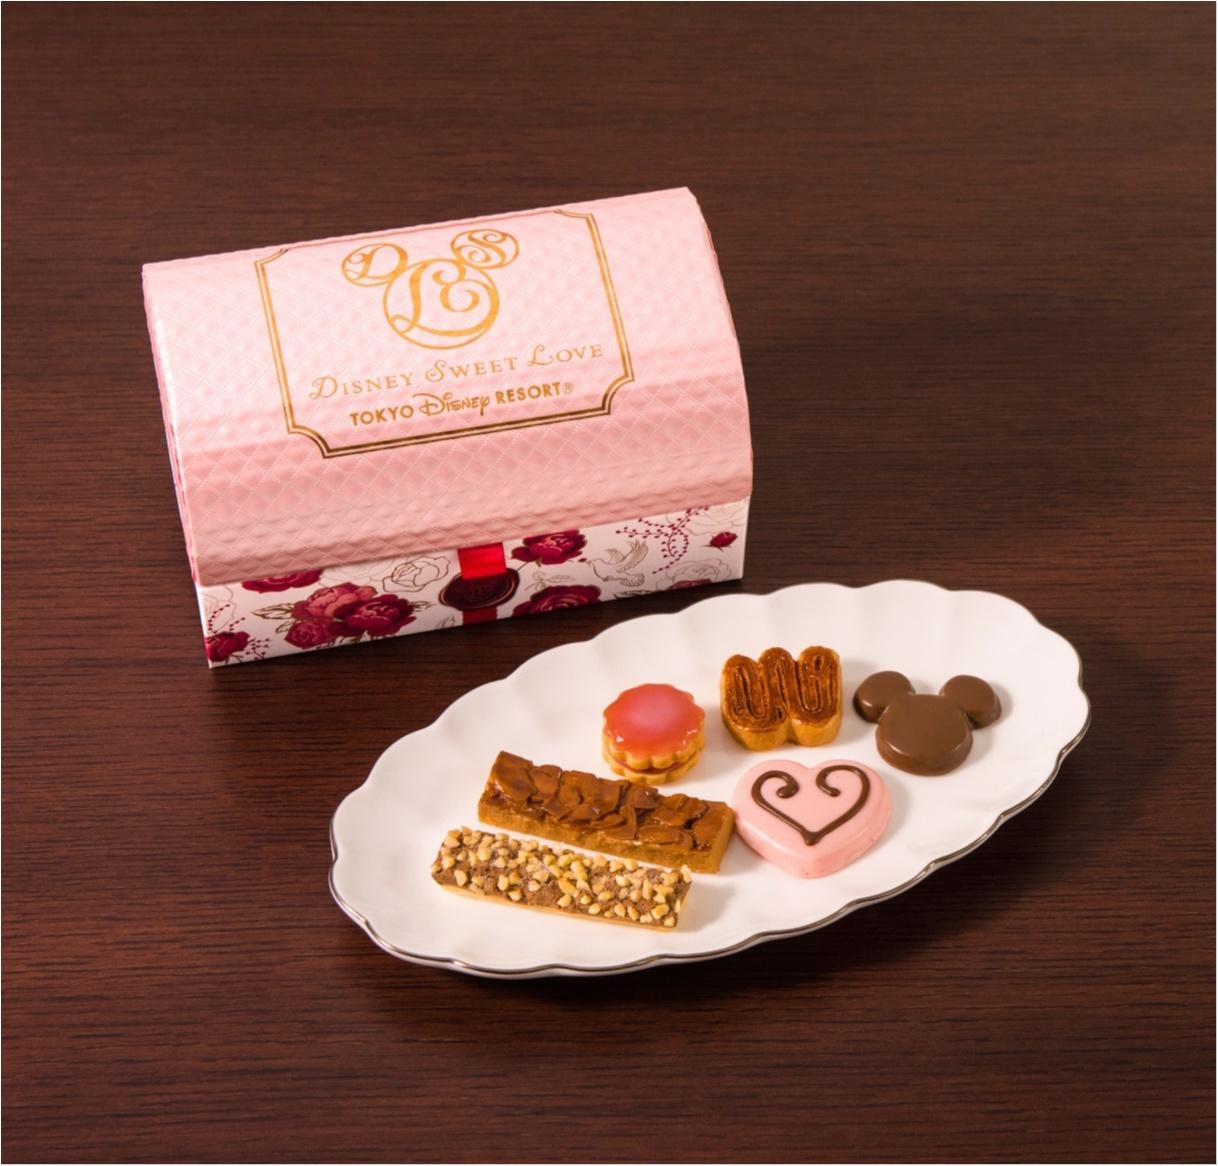 『東京ディズニーシー』に、バレンタインスイーツ専門店が期間限定オープン♡ 注目度No.1の『ディズニー・スウィート・ラブ』をチェック!_1_2